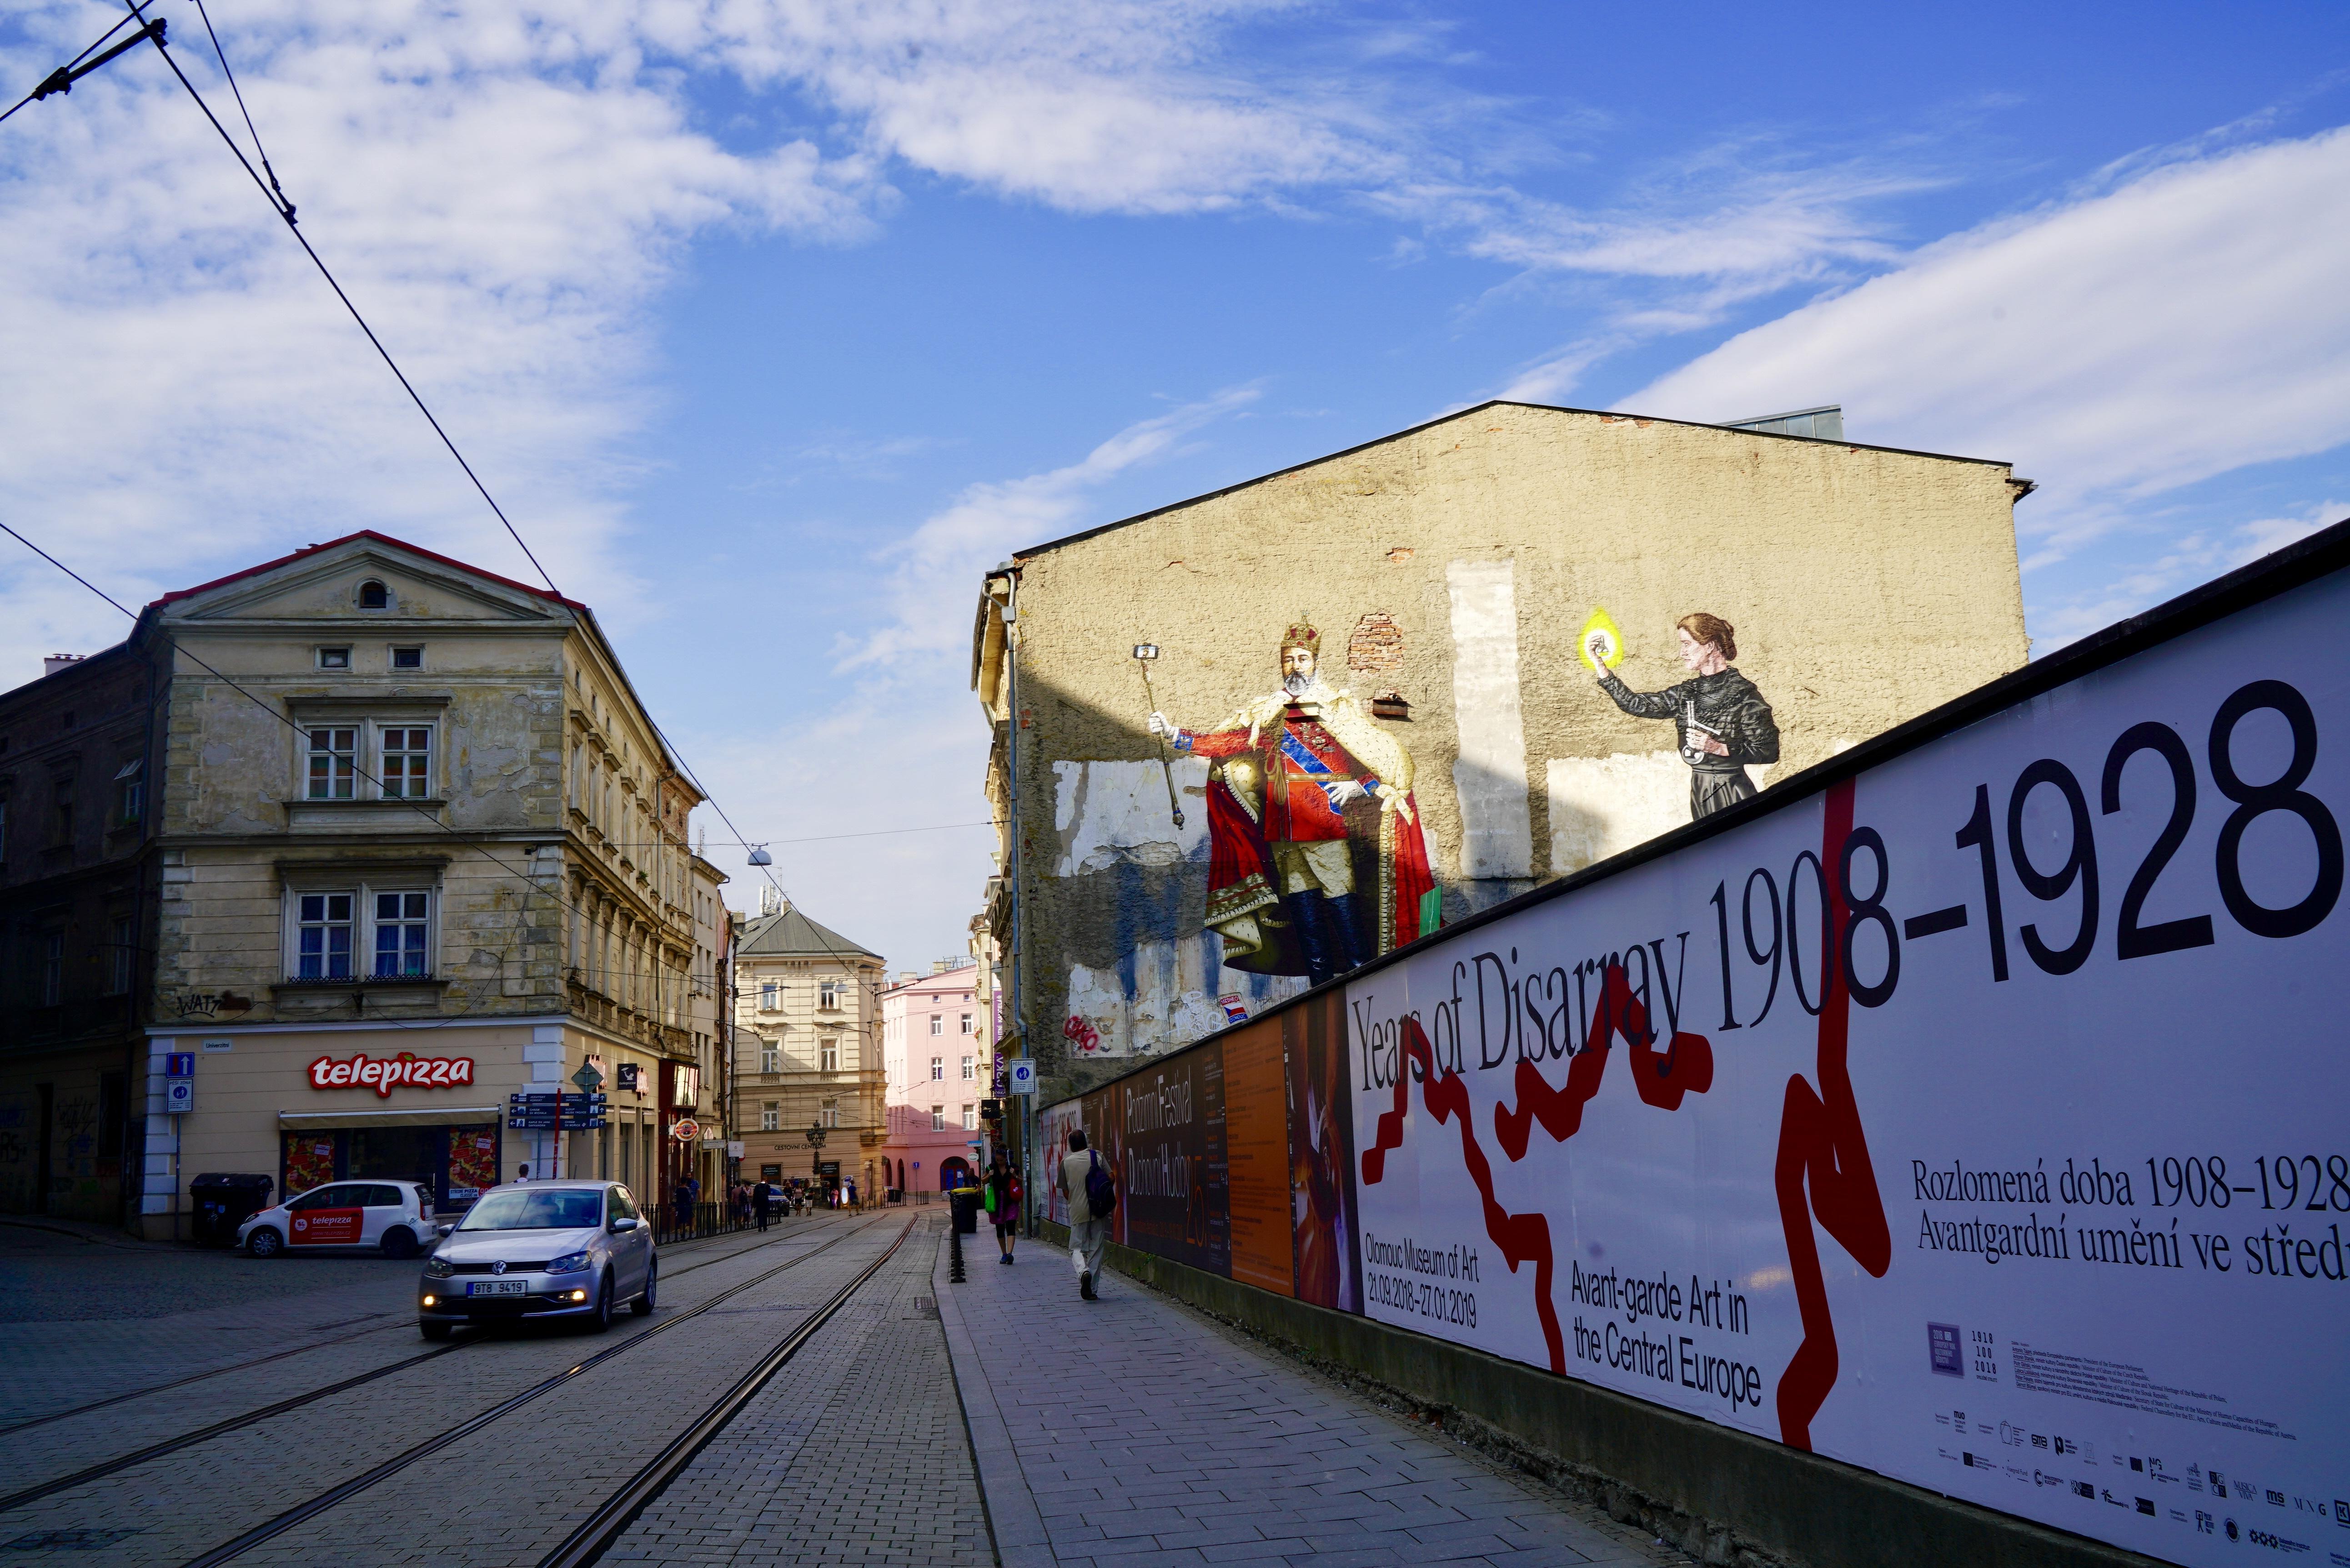 【チェコの学生街:Olomouc】 オロモウツでしたい 7つのこと